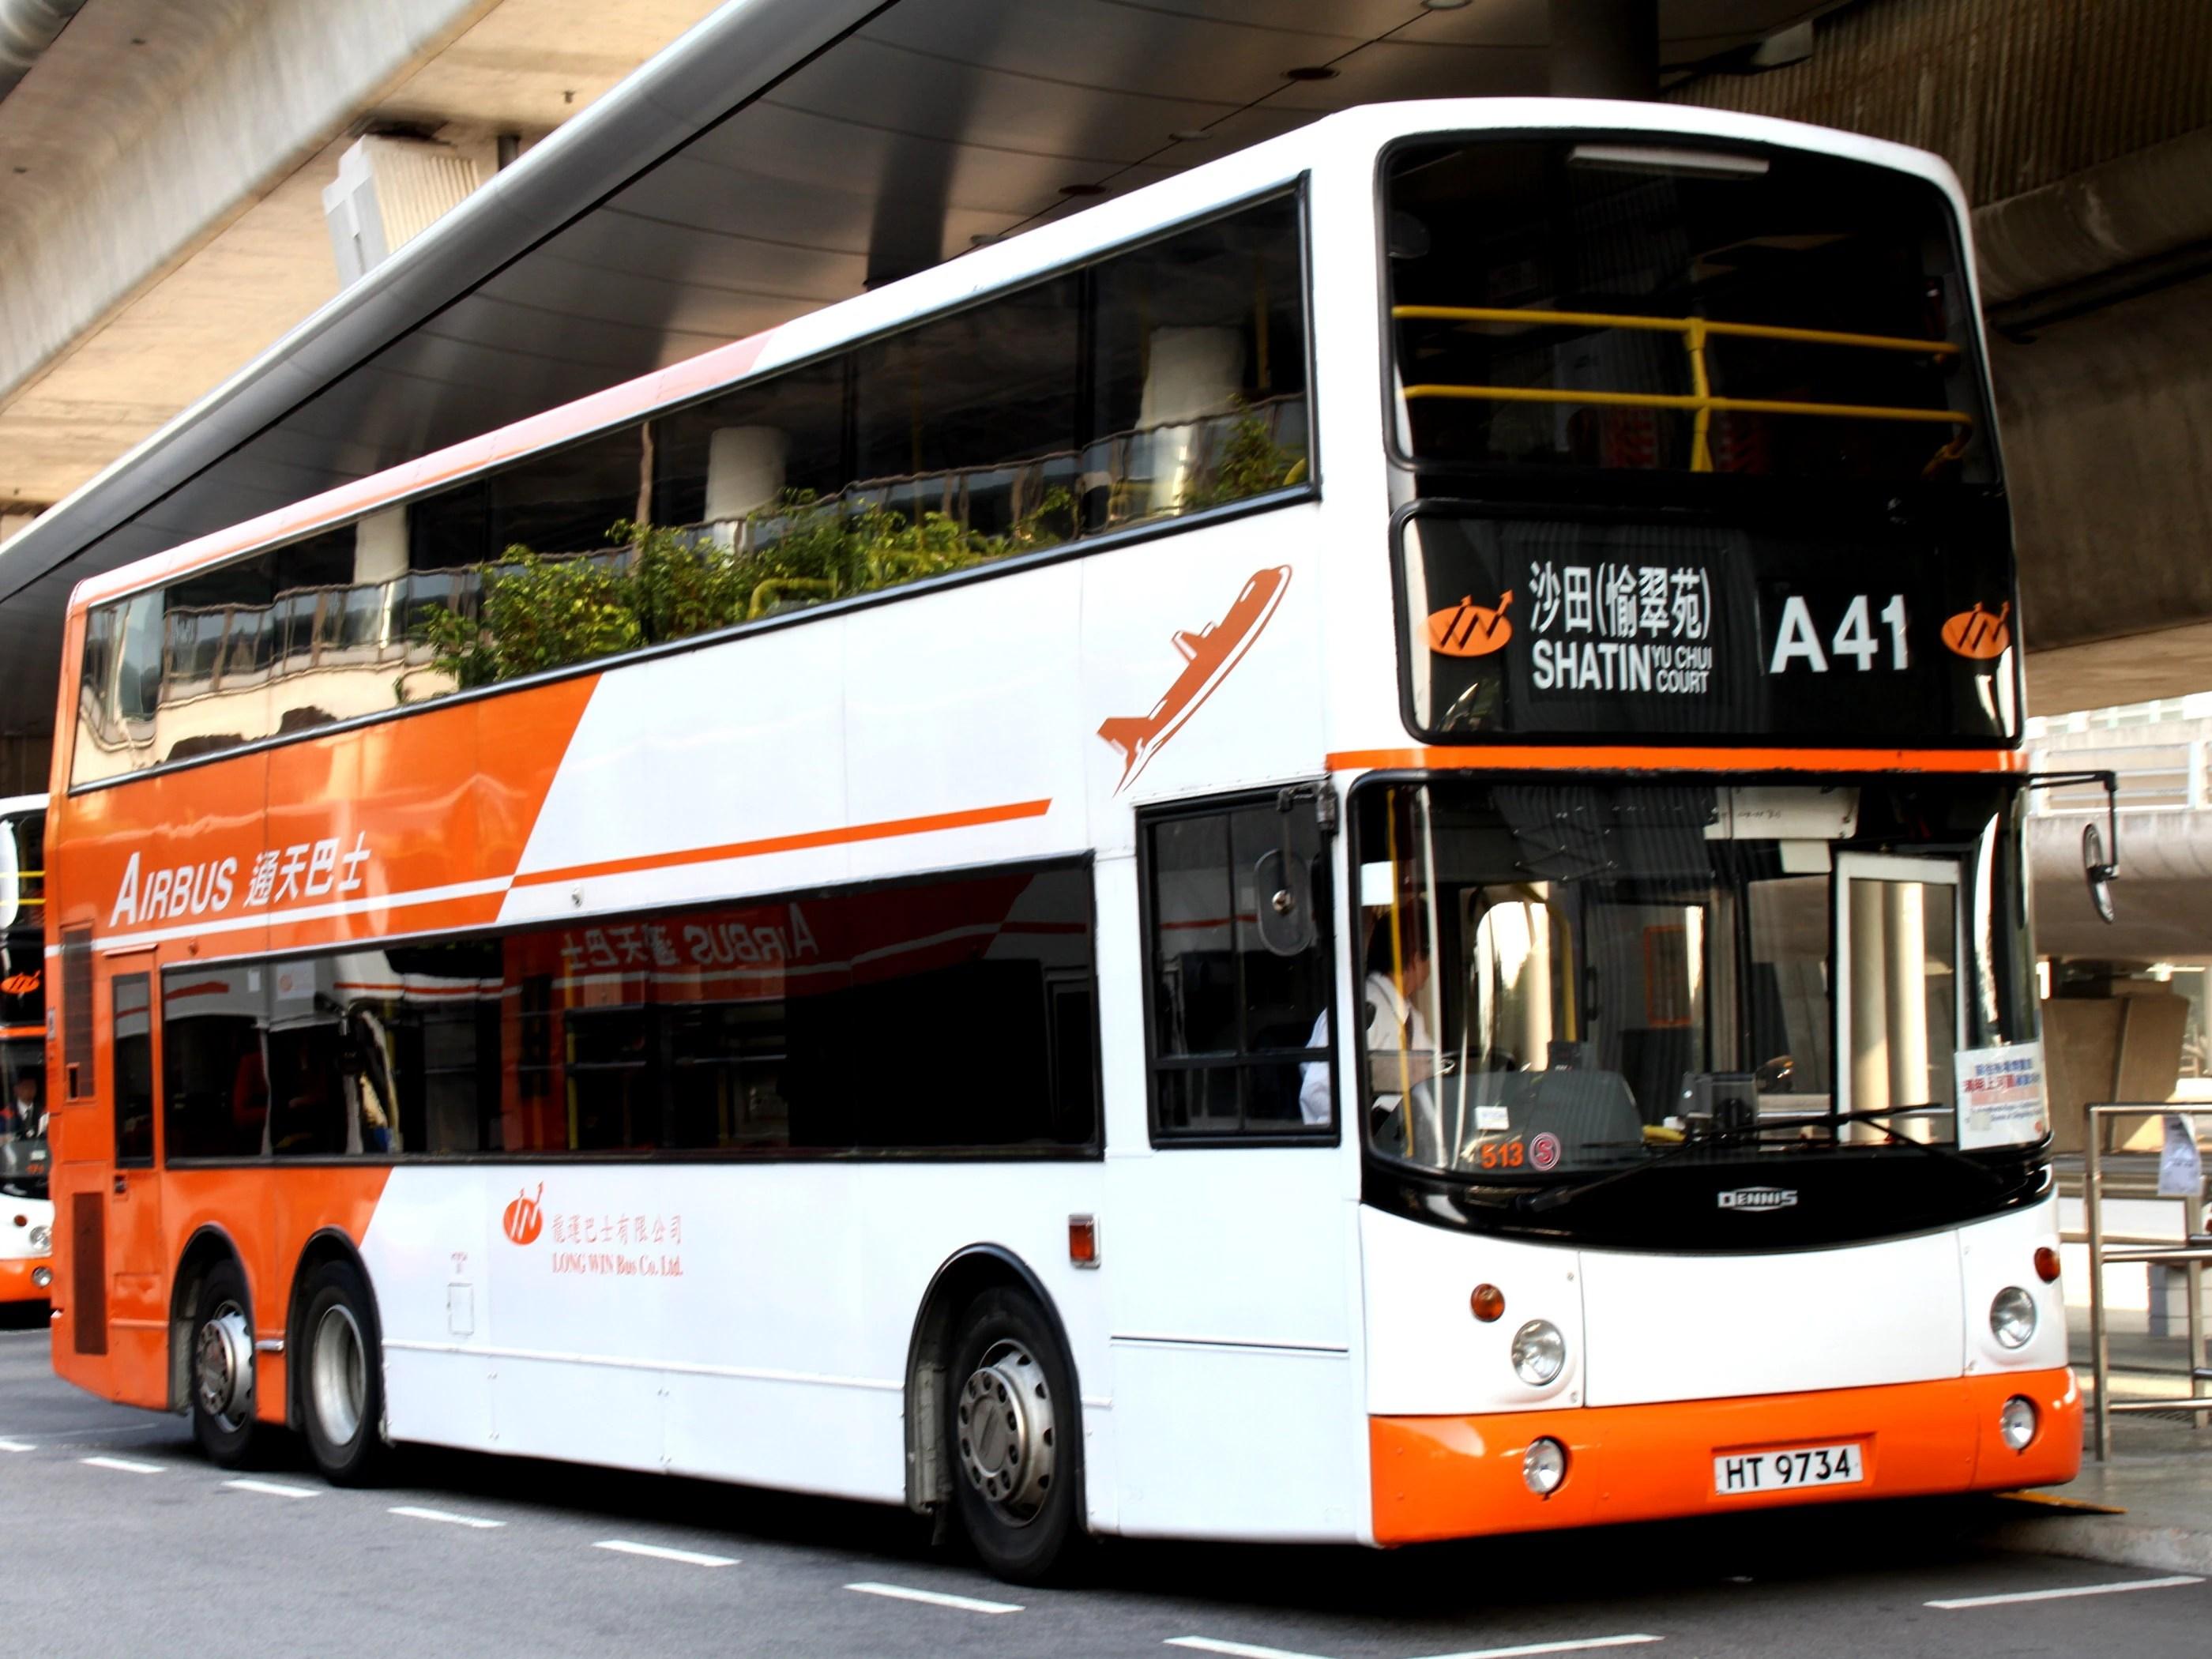 檔案:L 513 A41 GTC.JPG